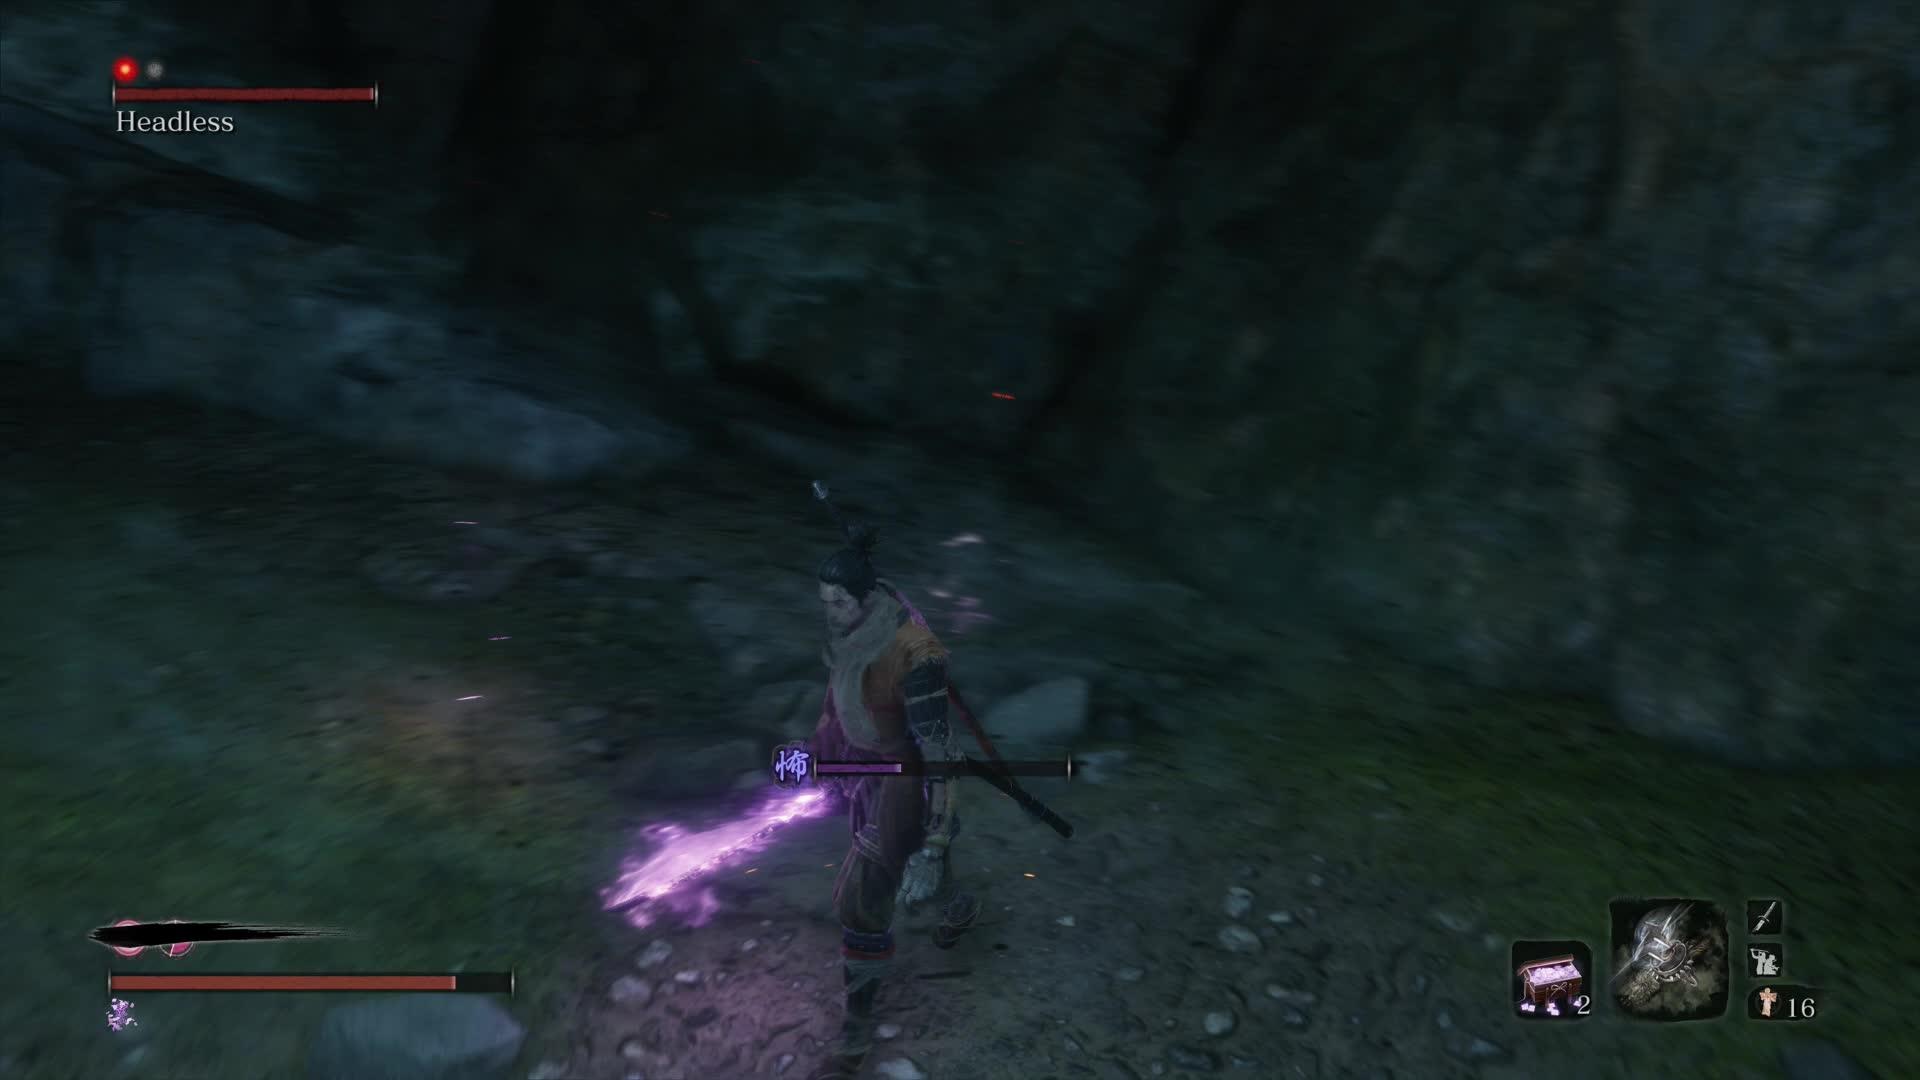 sekiro how to beat headless